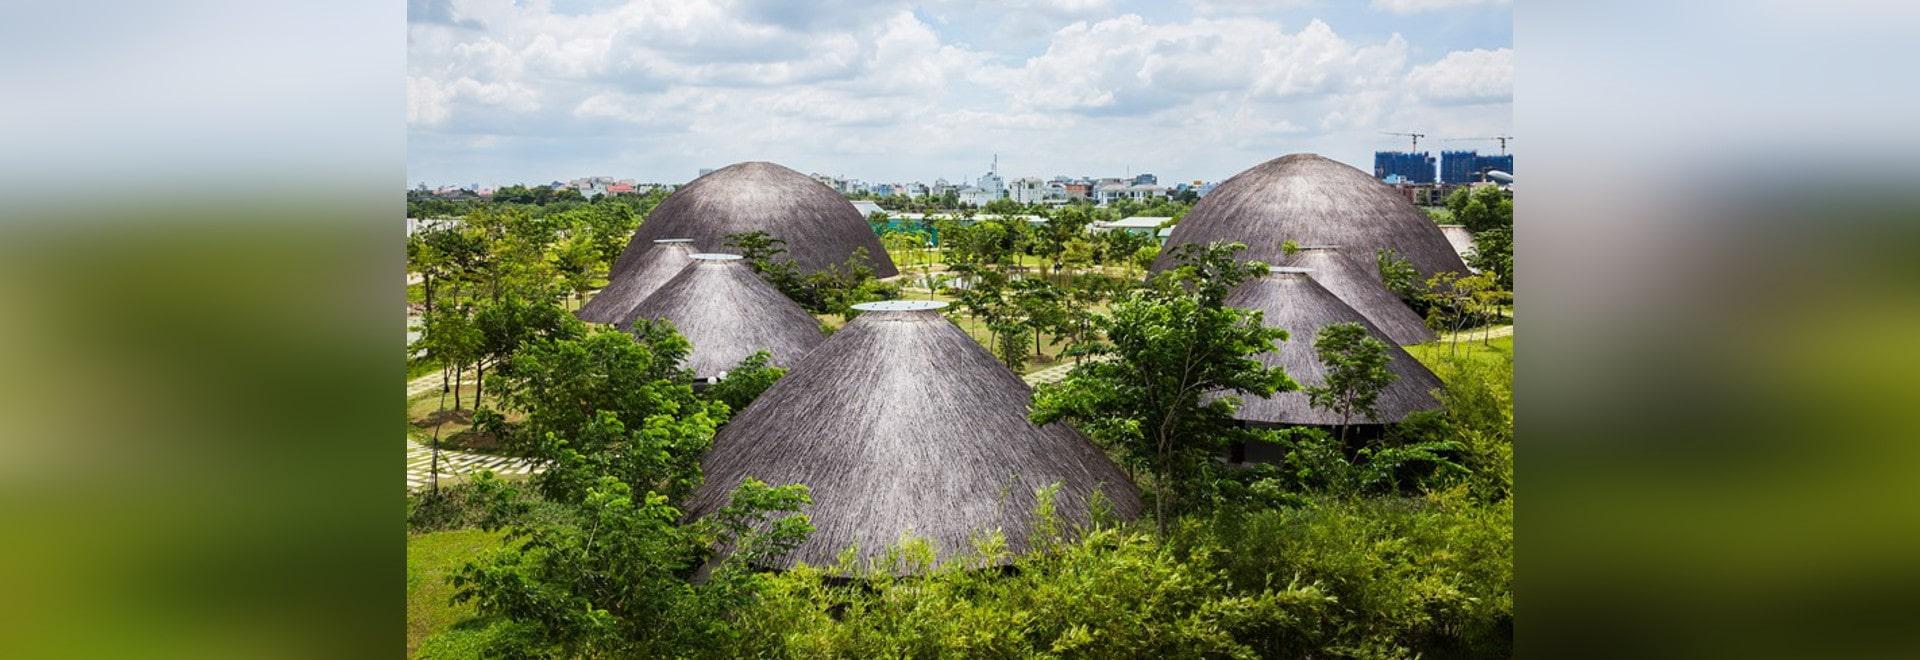 las bóvedas de bambú de gran tamaño de los nghia del trong del Vo emergen sobre parque en Ho Chi Minh City